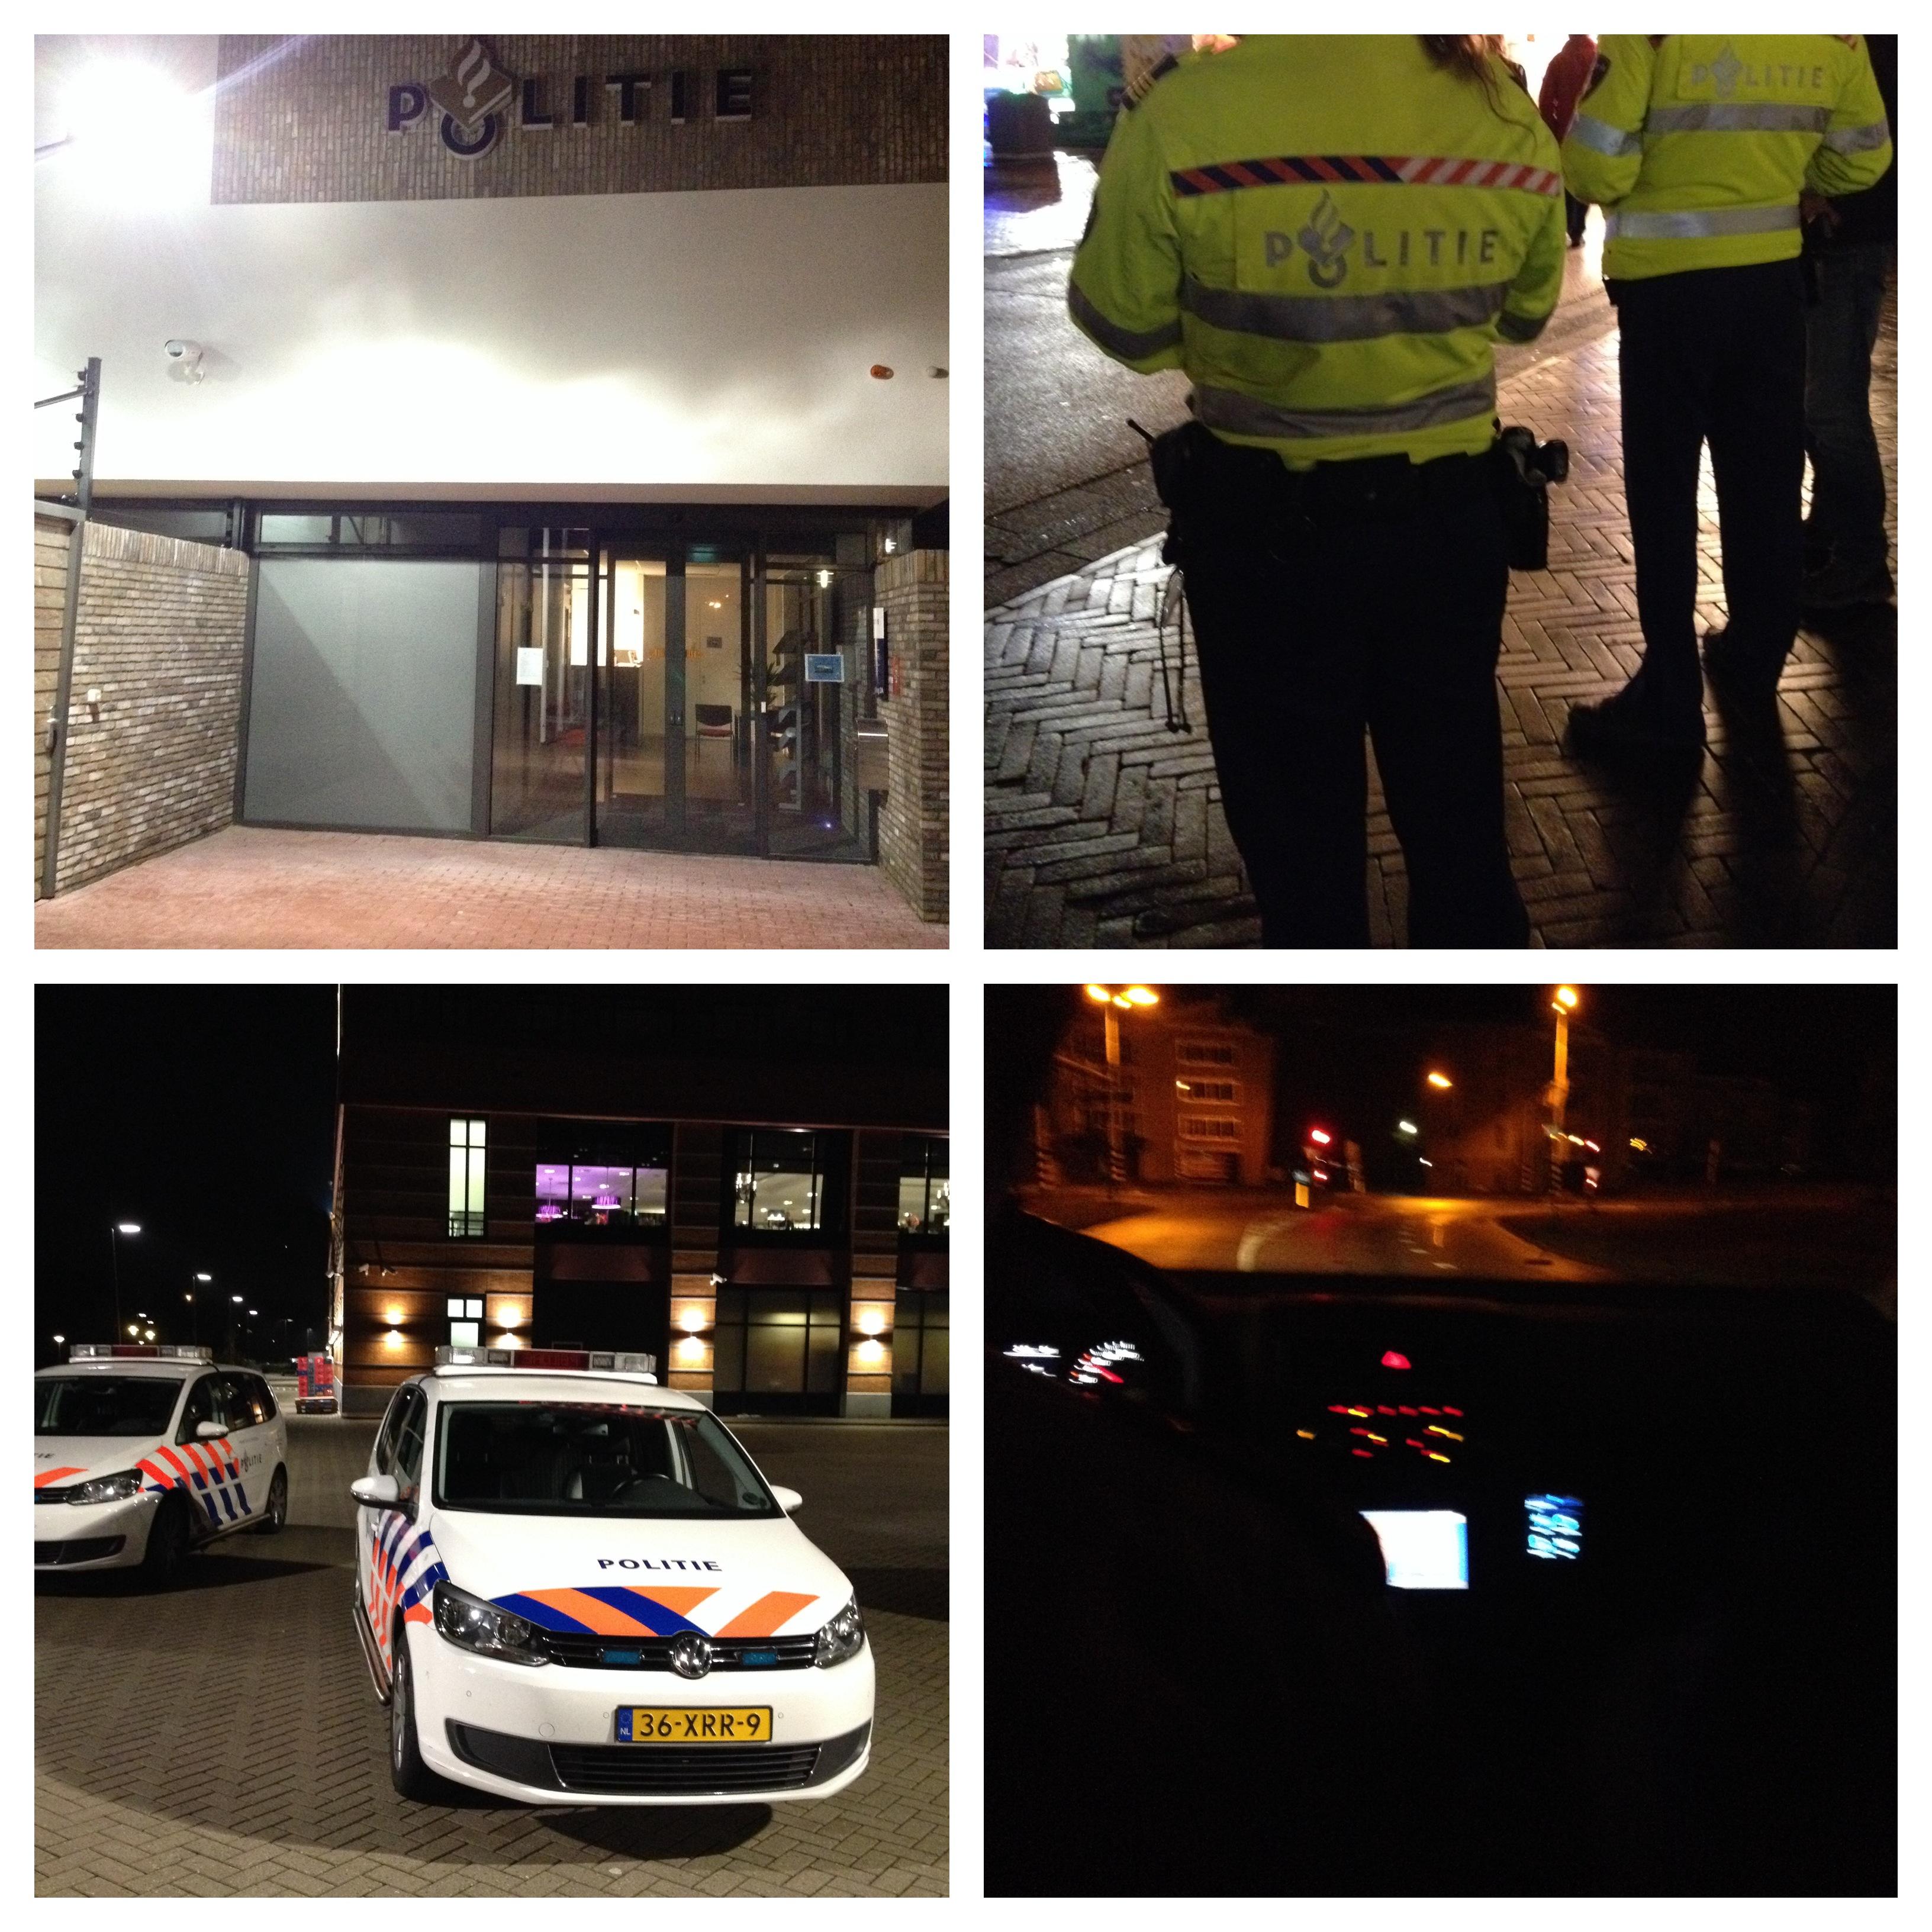 overzicht nacht met de politie